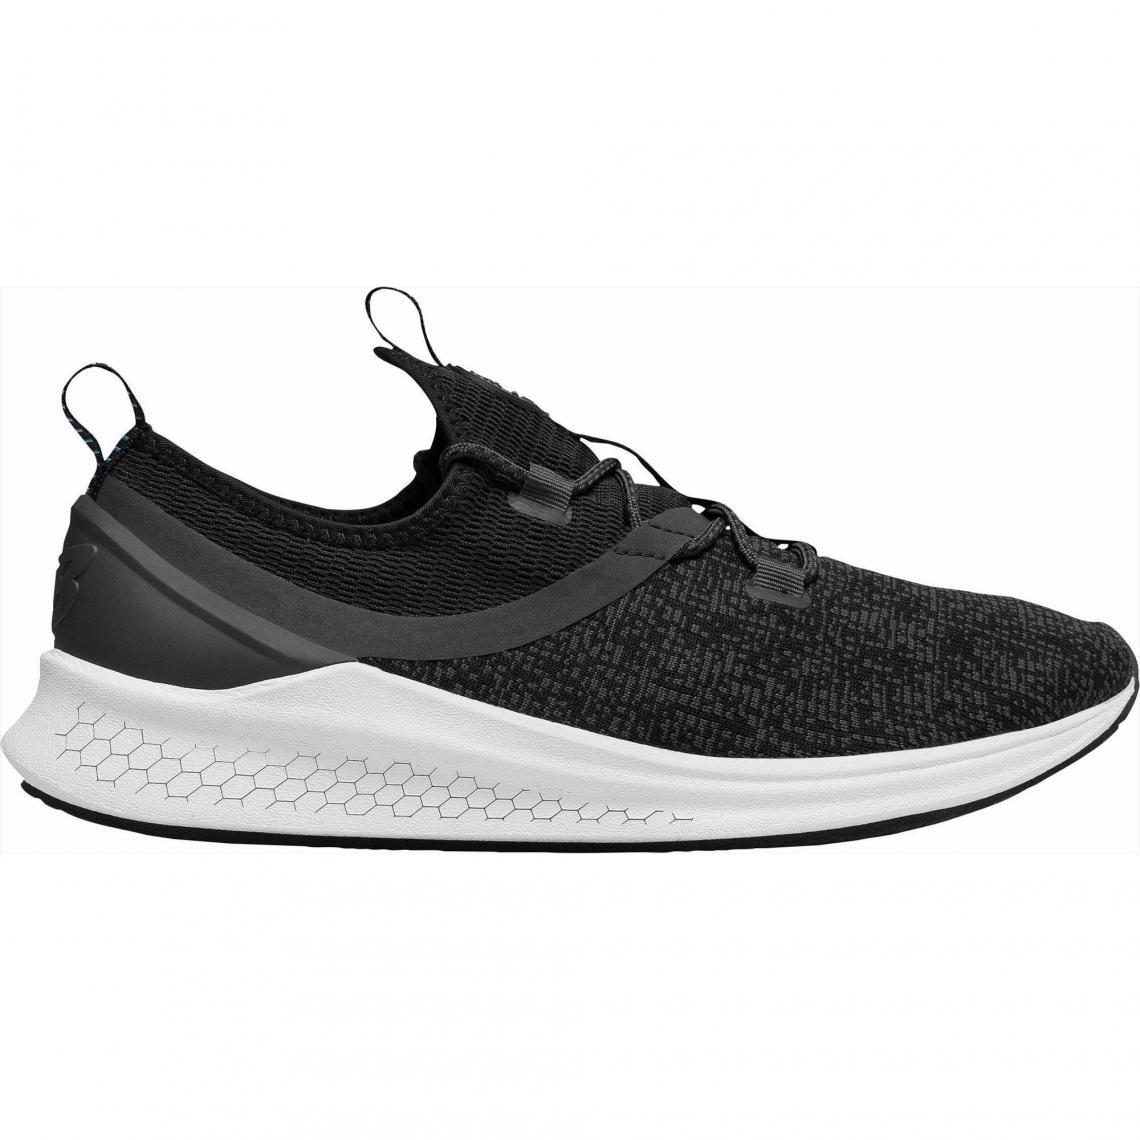 best website 767b7 dee56 Toutes les chaussures New Balance Cliquez l image pour l agrandir. Chaussures  de running homme New Balance LAZR - Noir ...